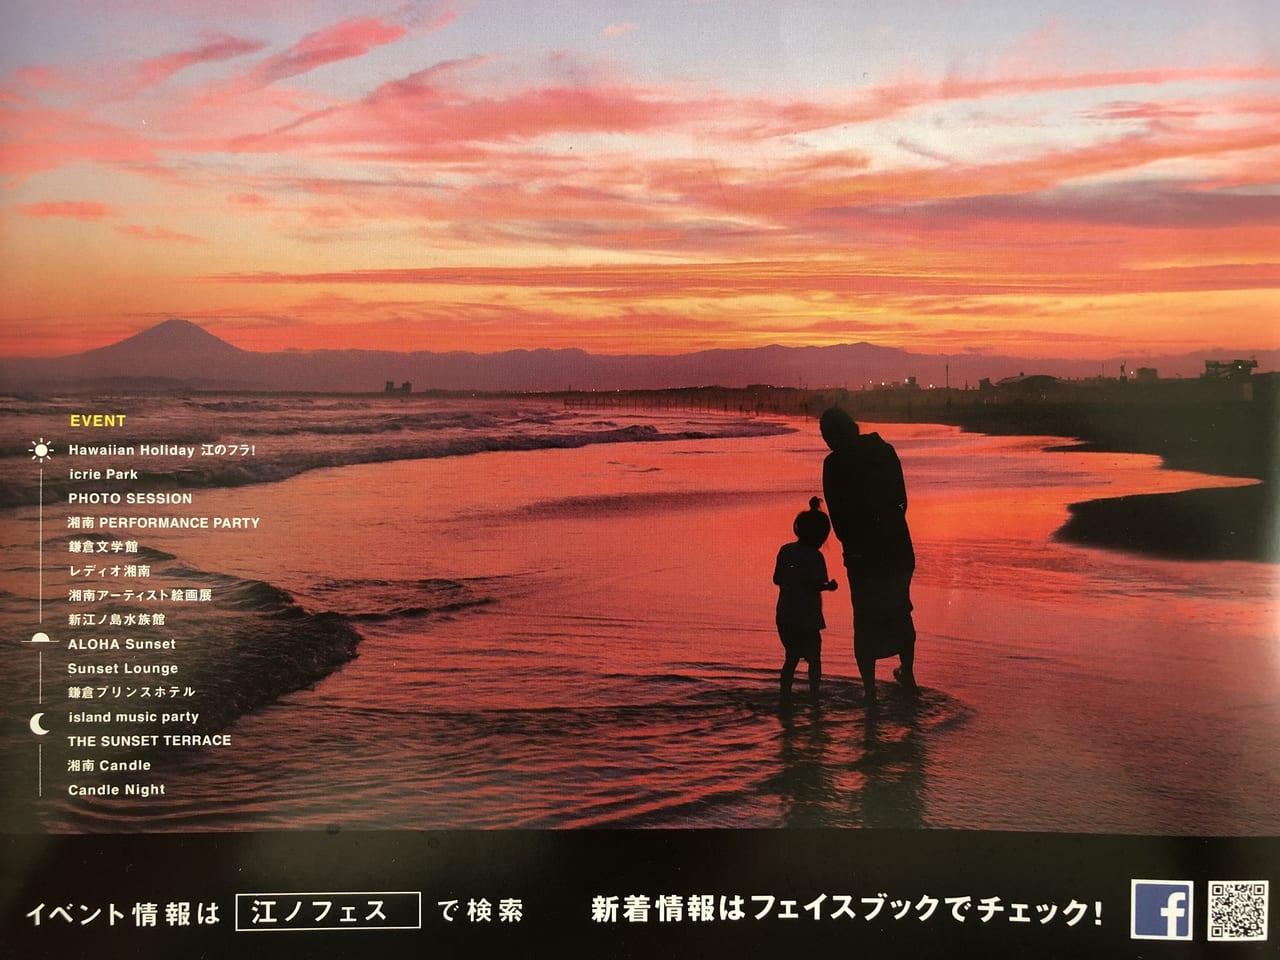 江no・Fesのパンフレット写真